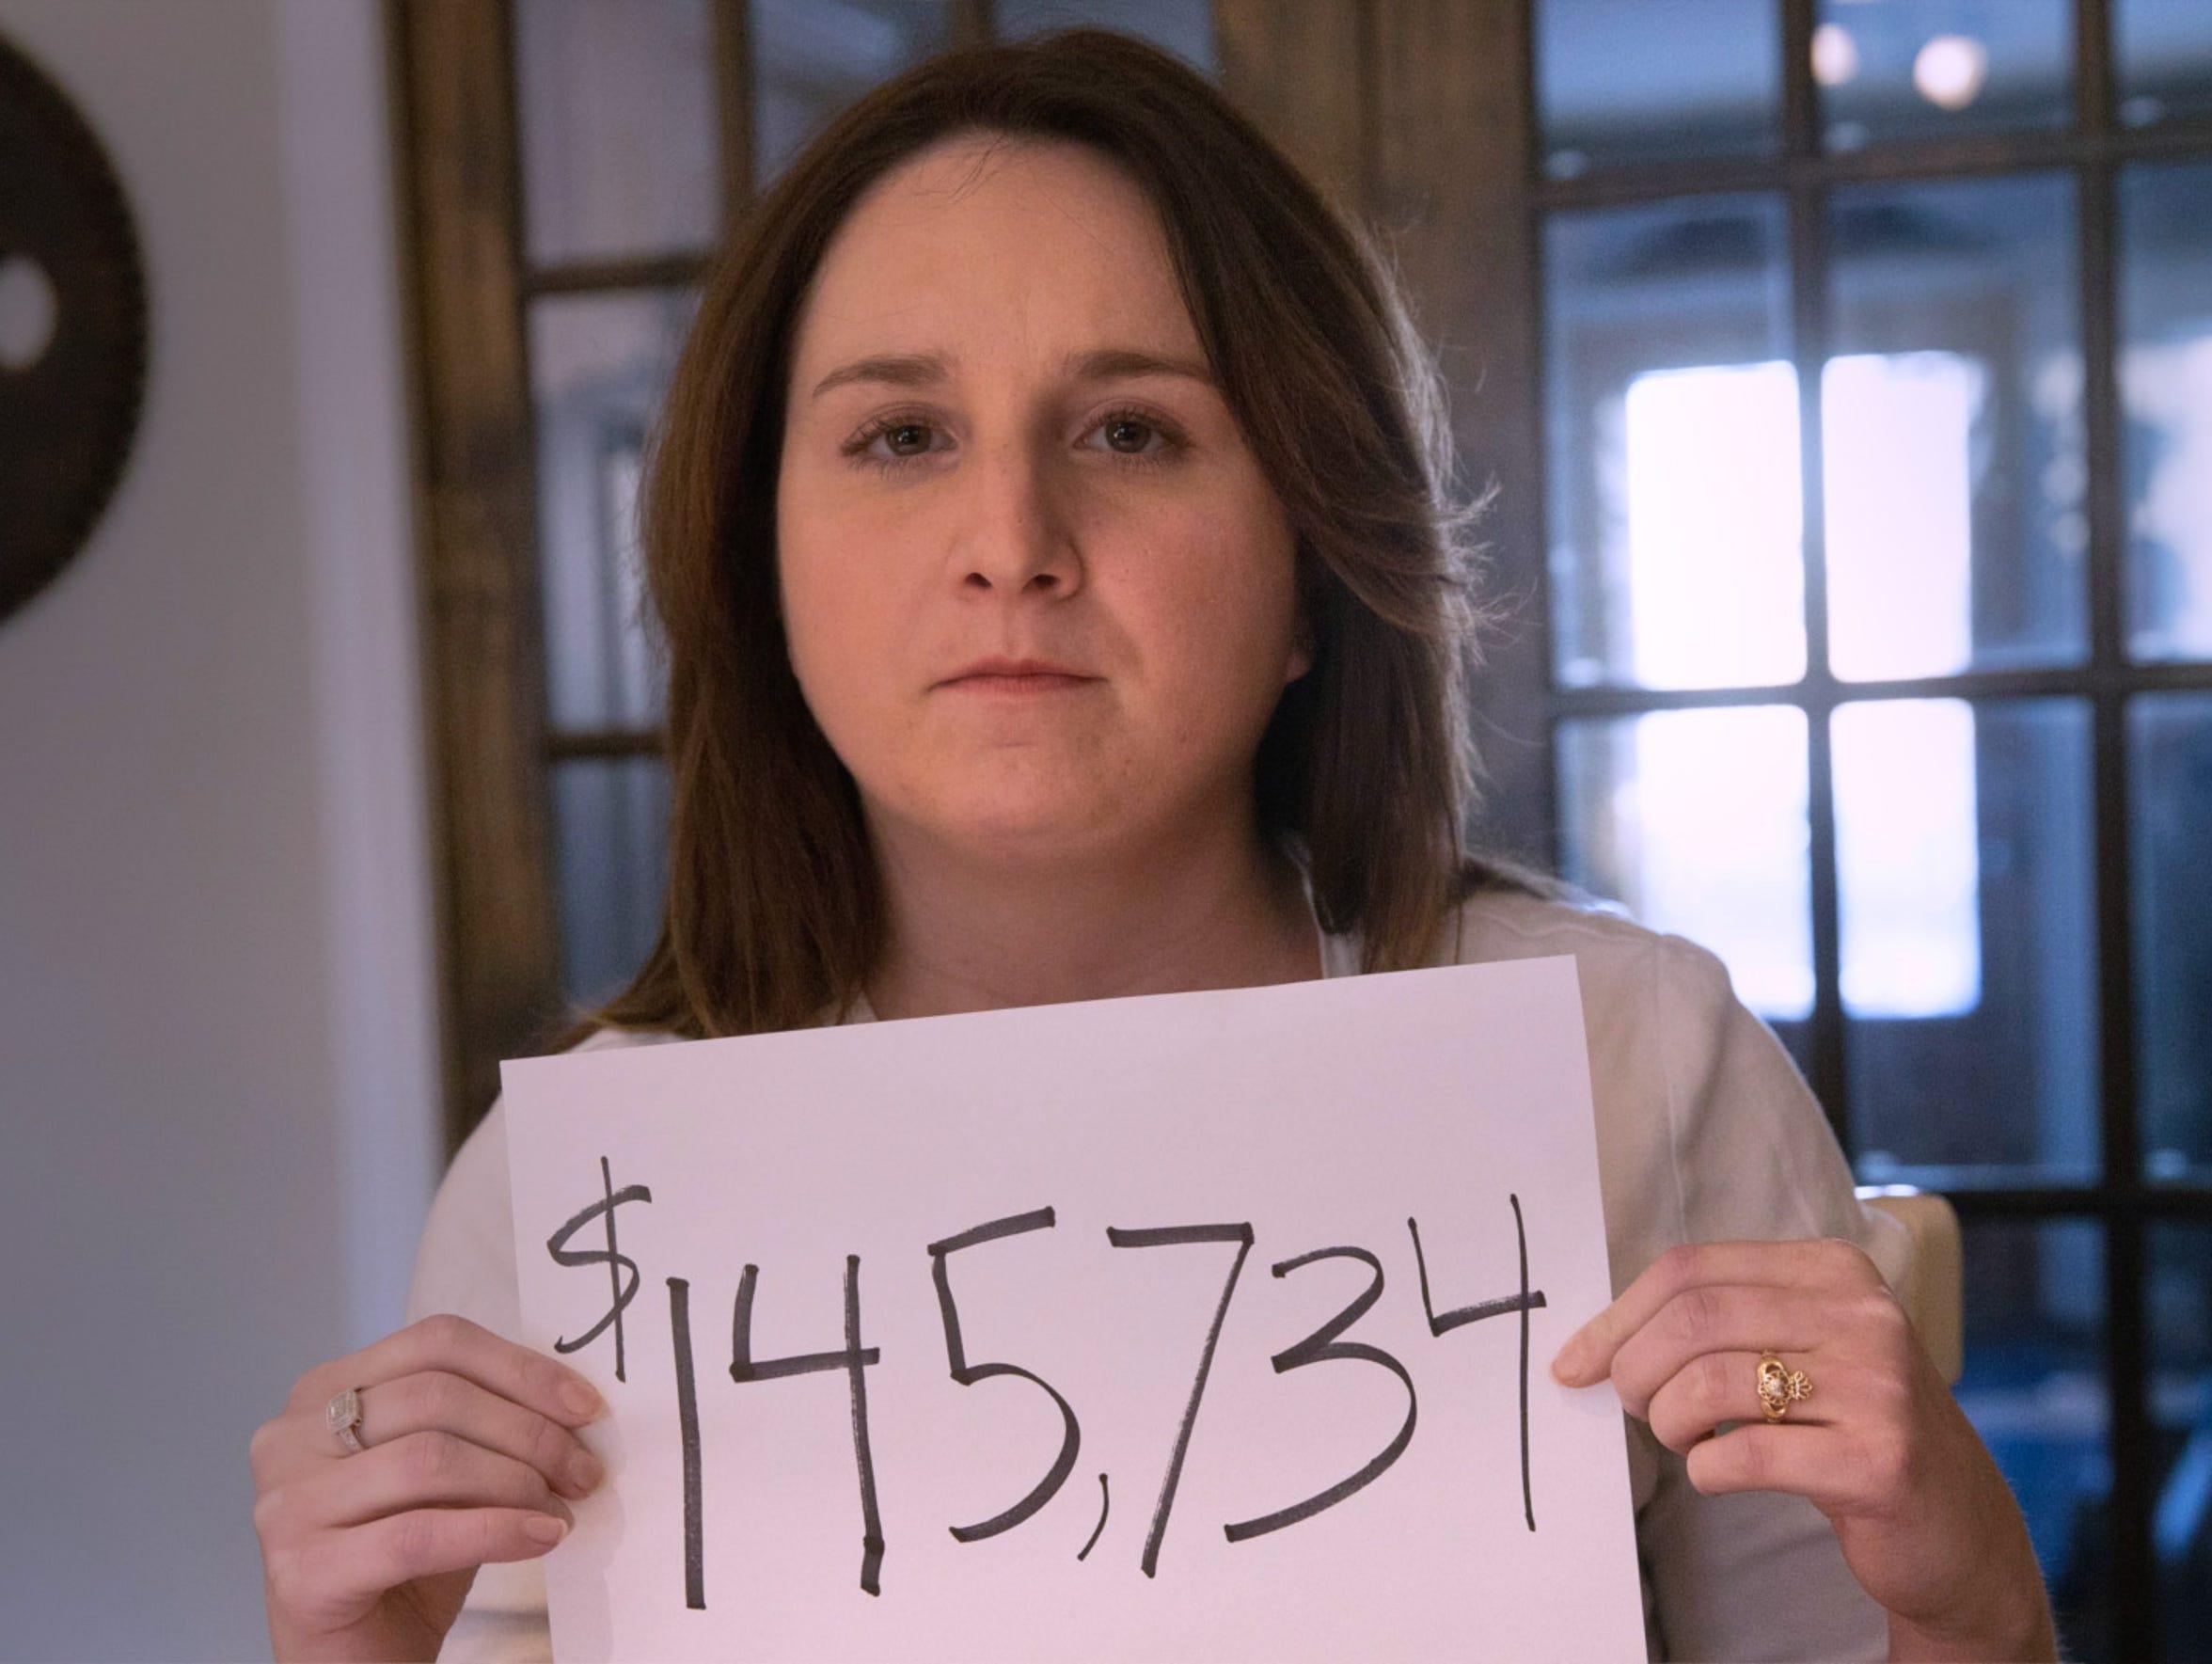 Jamie Bradley of Brick, NJ owes $145,734.00 in college